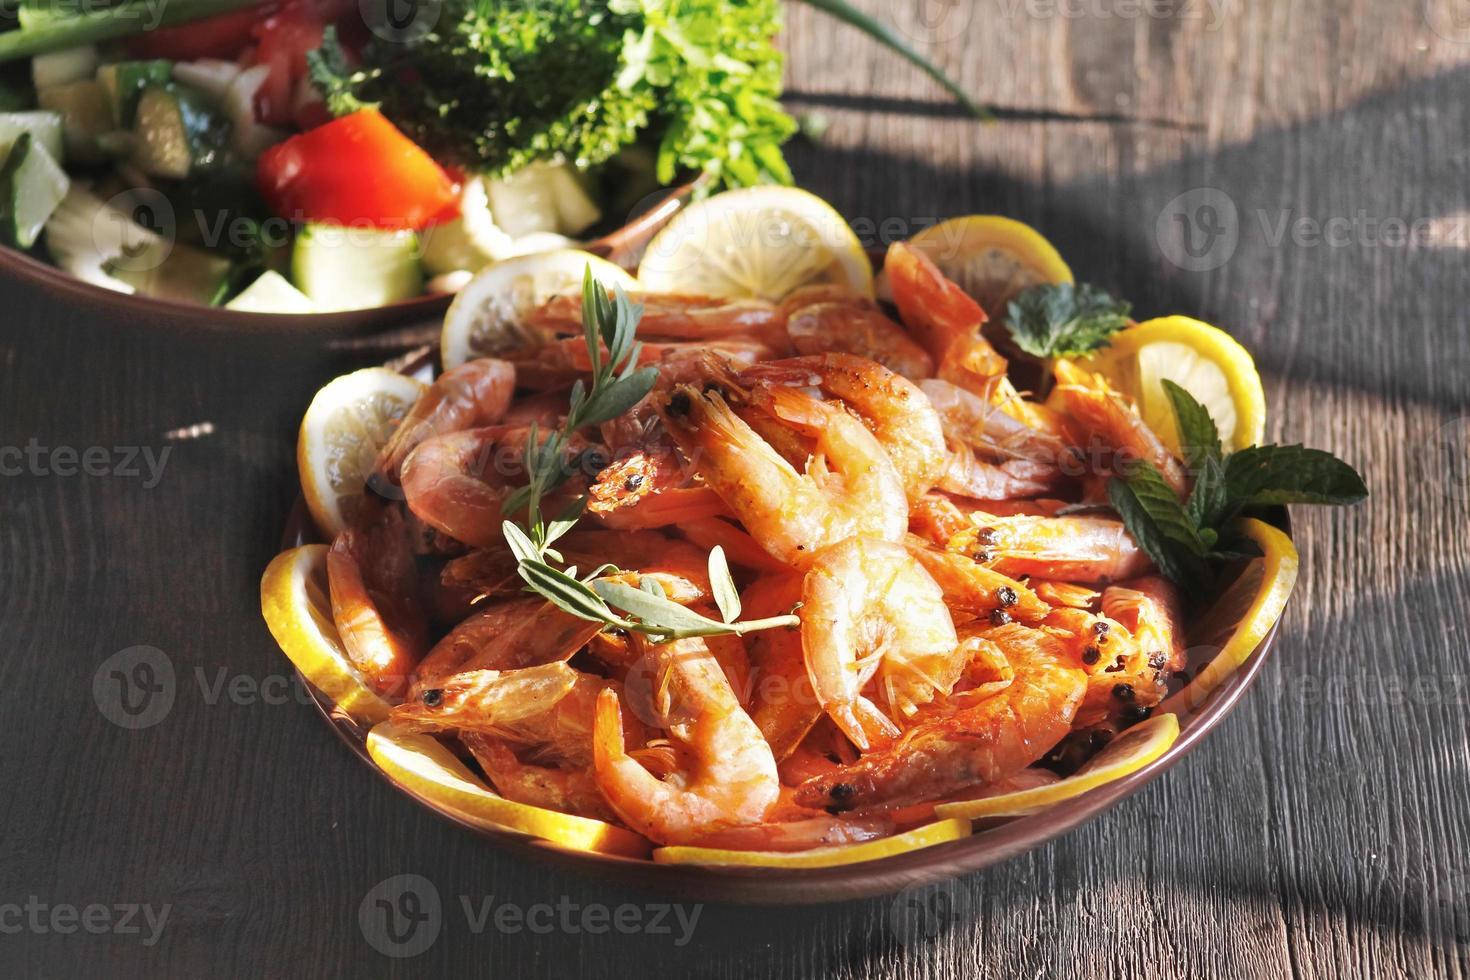 crevettes sur la table photo